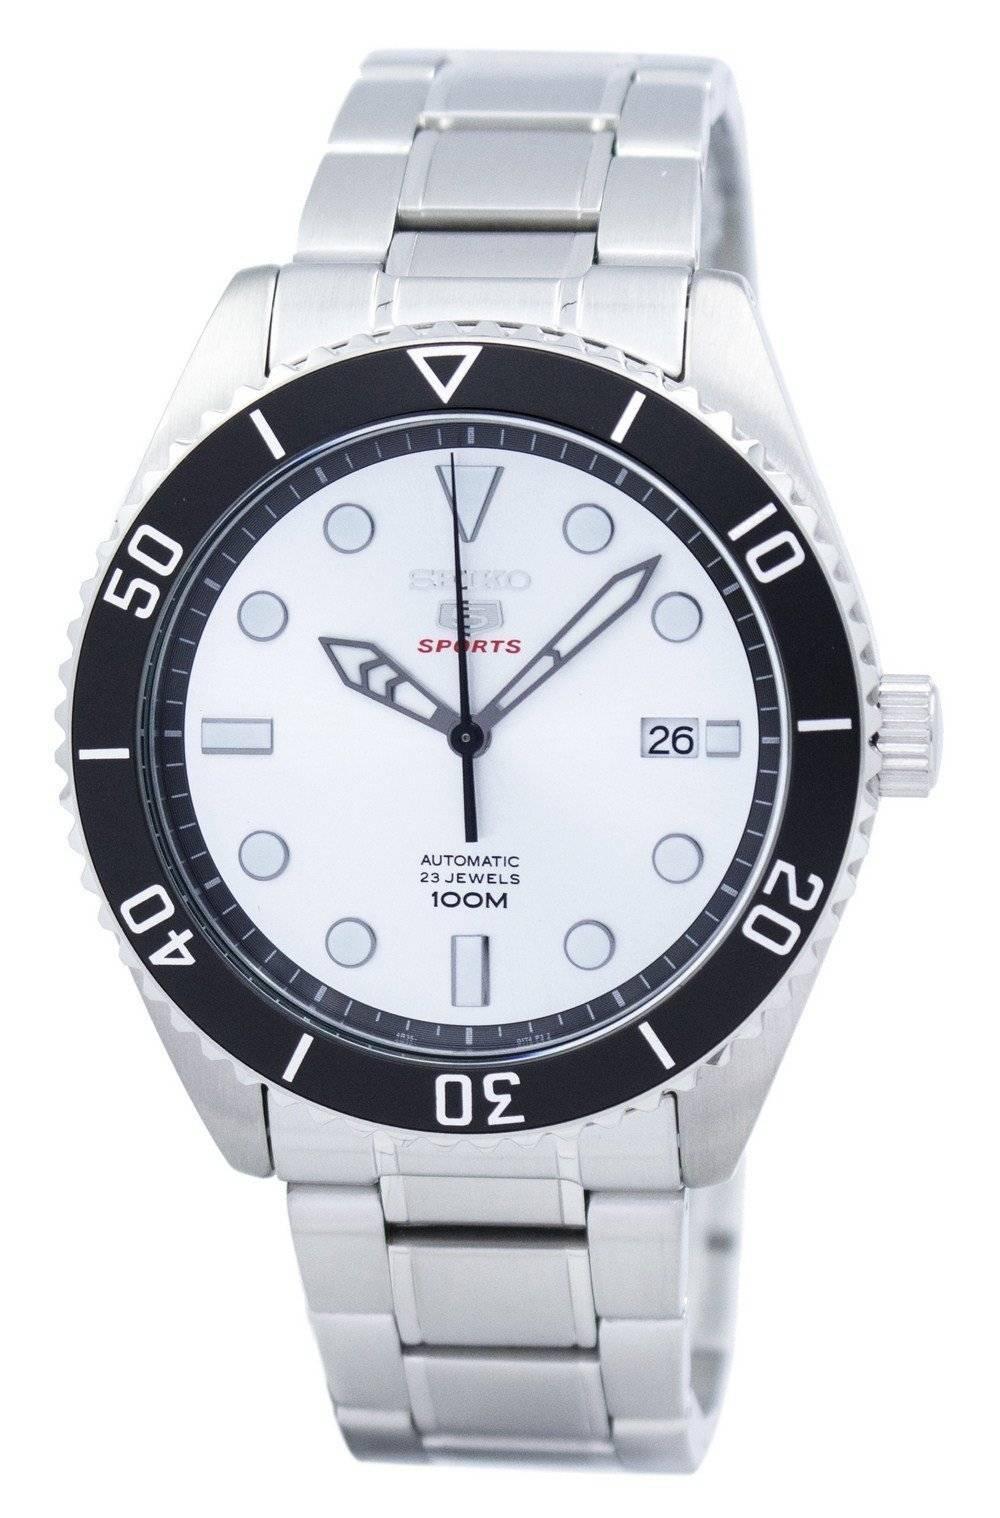 2abdc5342a7c Reloj Seiko 5 Sports automático SRPB87 SRPB87K1 SRPB87K de los hombres